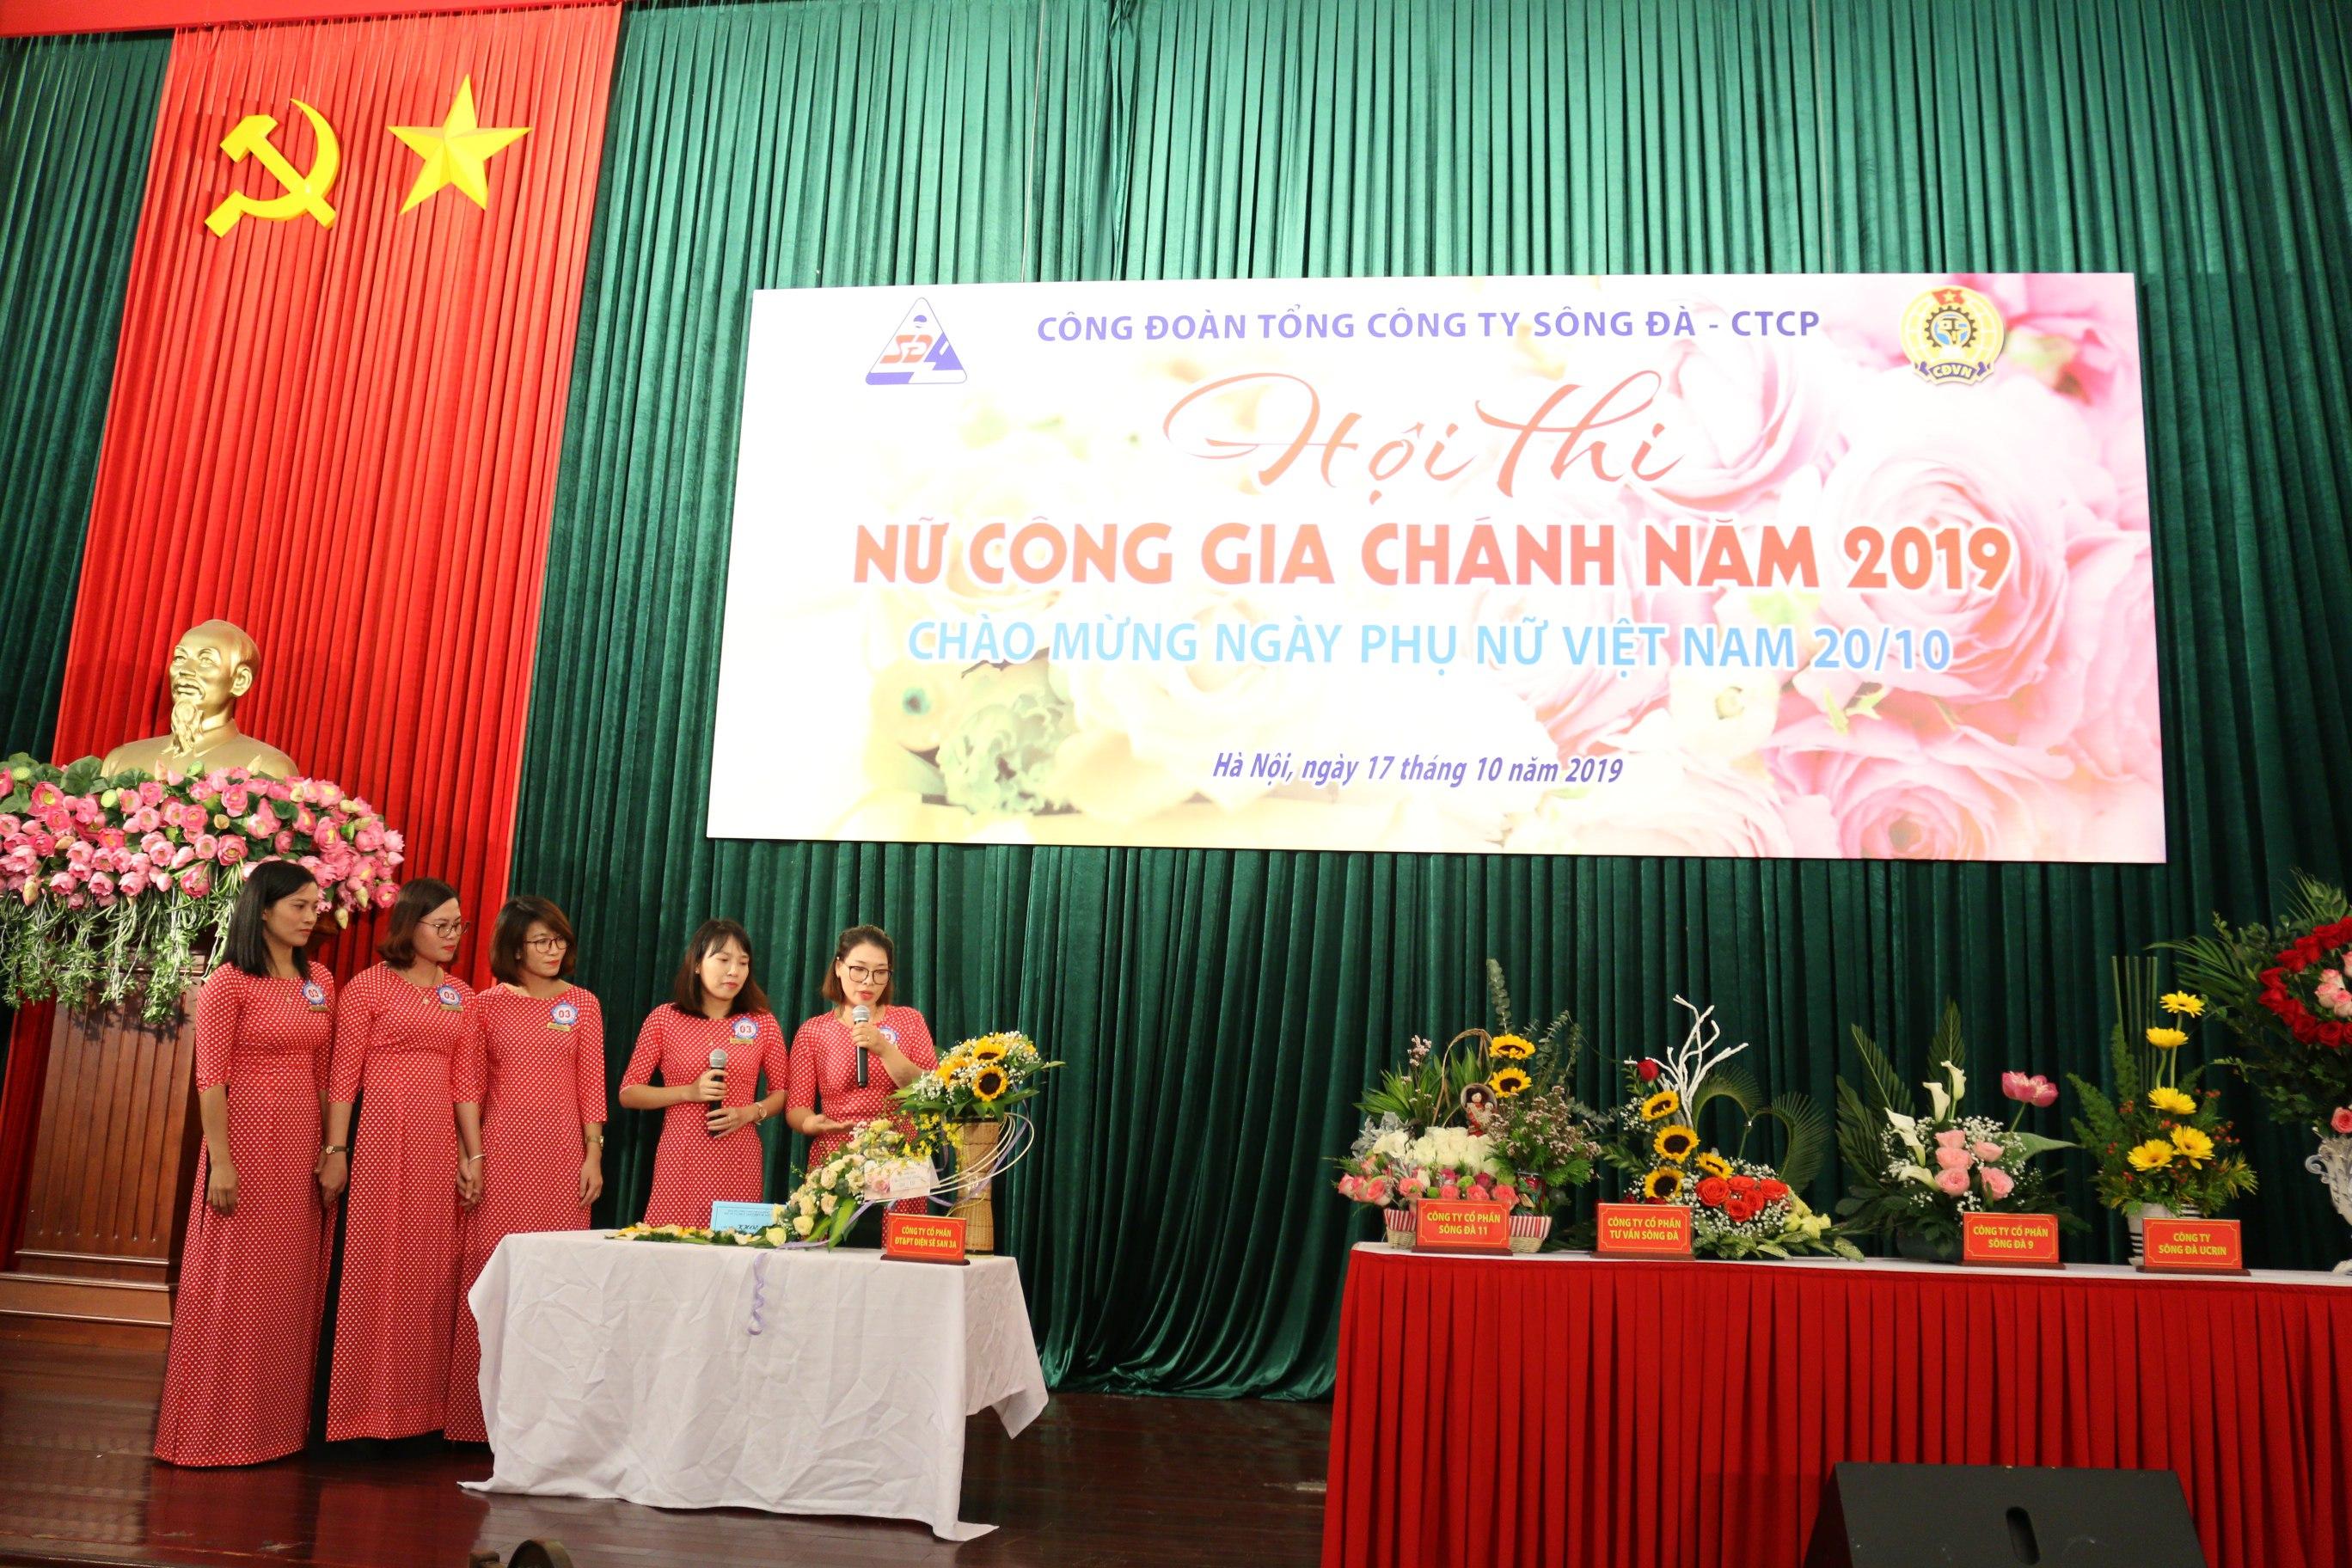 """Nữ công Sê San 3A """"khoe sắc"""" tại Hội thi nữ công gia chánh năm 2019 do Công đoàn TCT Sông Đà – CTCP tổ chức"""